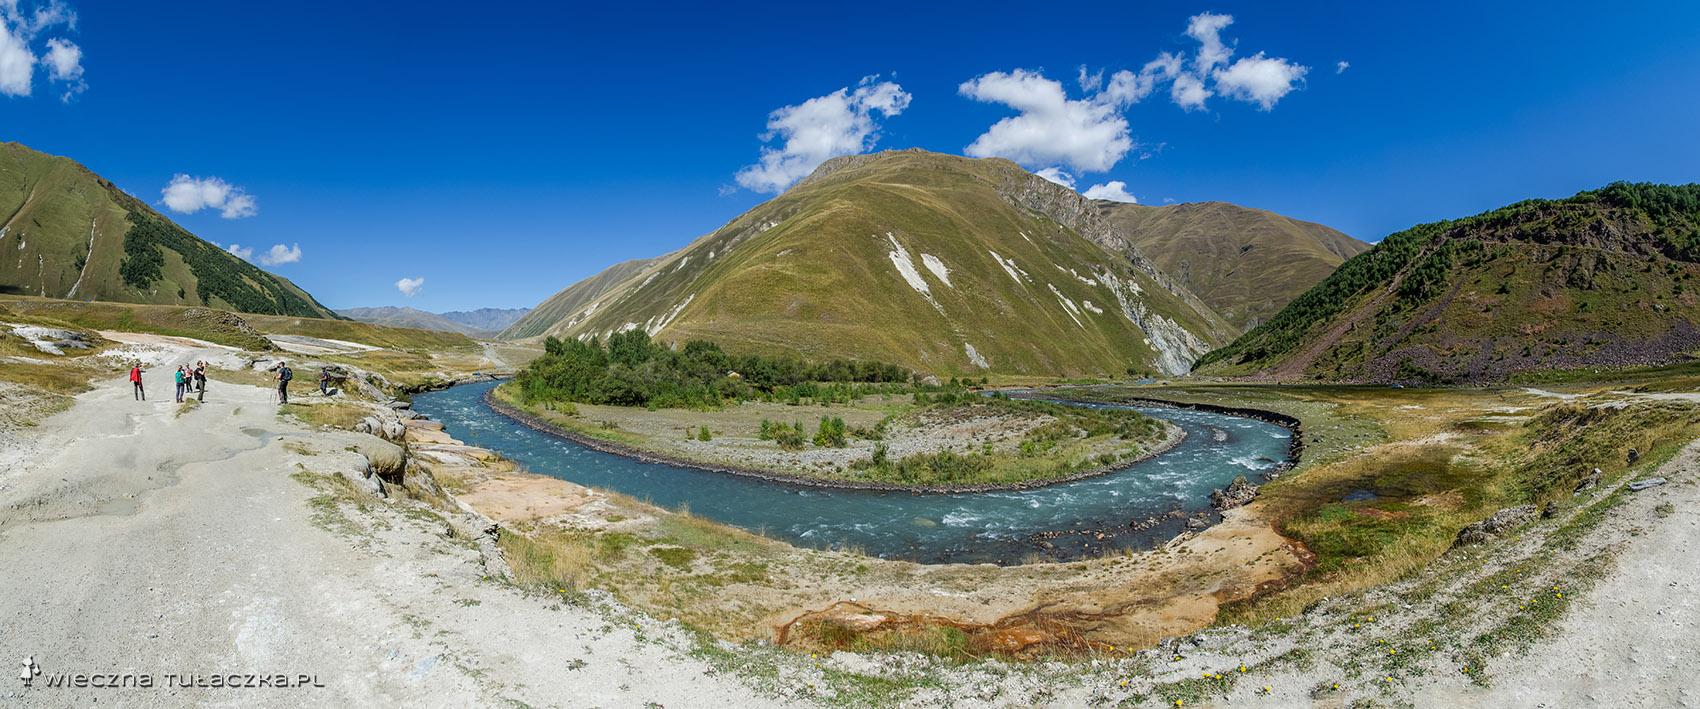 Dolina Truso w Gruzji